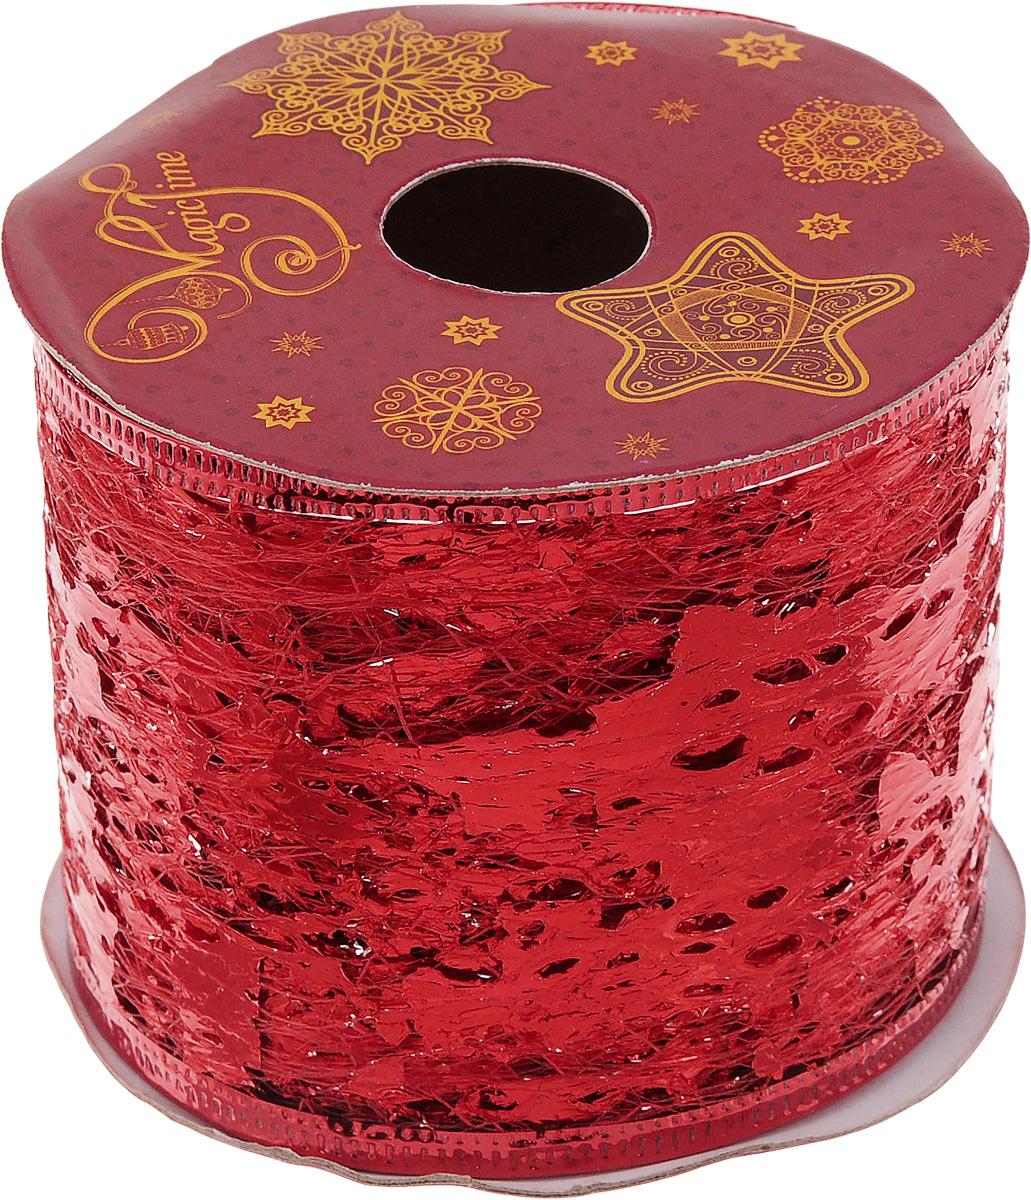 Лента новогодняя Magic Time Фольга, цвет: красный, 6,3 см х 2,7 м4610009214337Новогодняя декоративная лента Magic Time Фольгавыполненаиз полиэстера. Вкрая ленты вставлена проволока, благодаря чему еелегко фиксировать. Лента предназначена для оформленияподарочных коробок,пакетов. Кроме того, декоративная лента с успехомприменяется дляхудожественного оформления витрин, праздничногооформления помещений, изготовления искусственныхцветов.Декоративная лента украсит интерьер вашего дома кпраздникам.Ширина ленты: 6,3 см.